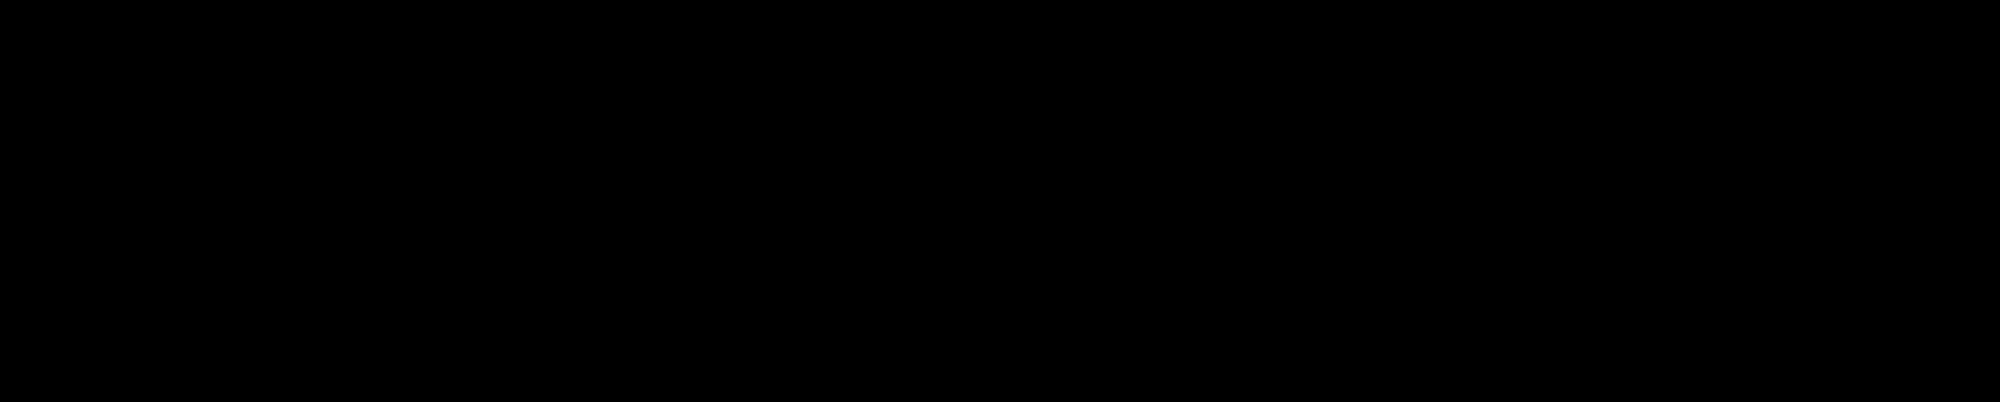 NETLOCK - elektronikus aláírás, időbélyegzés